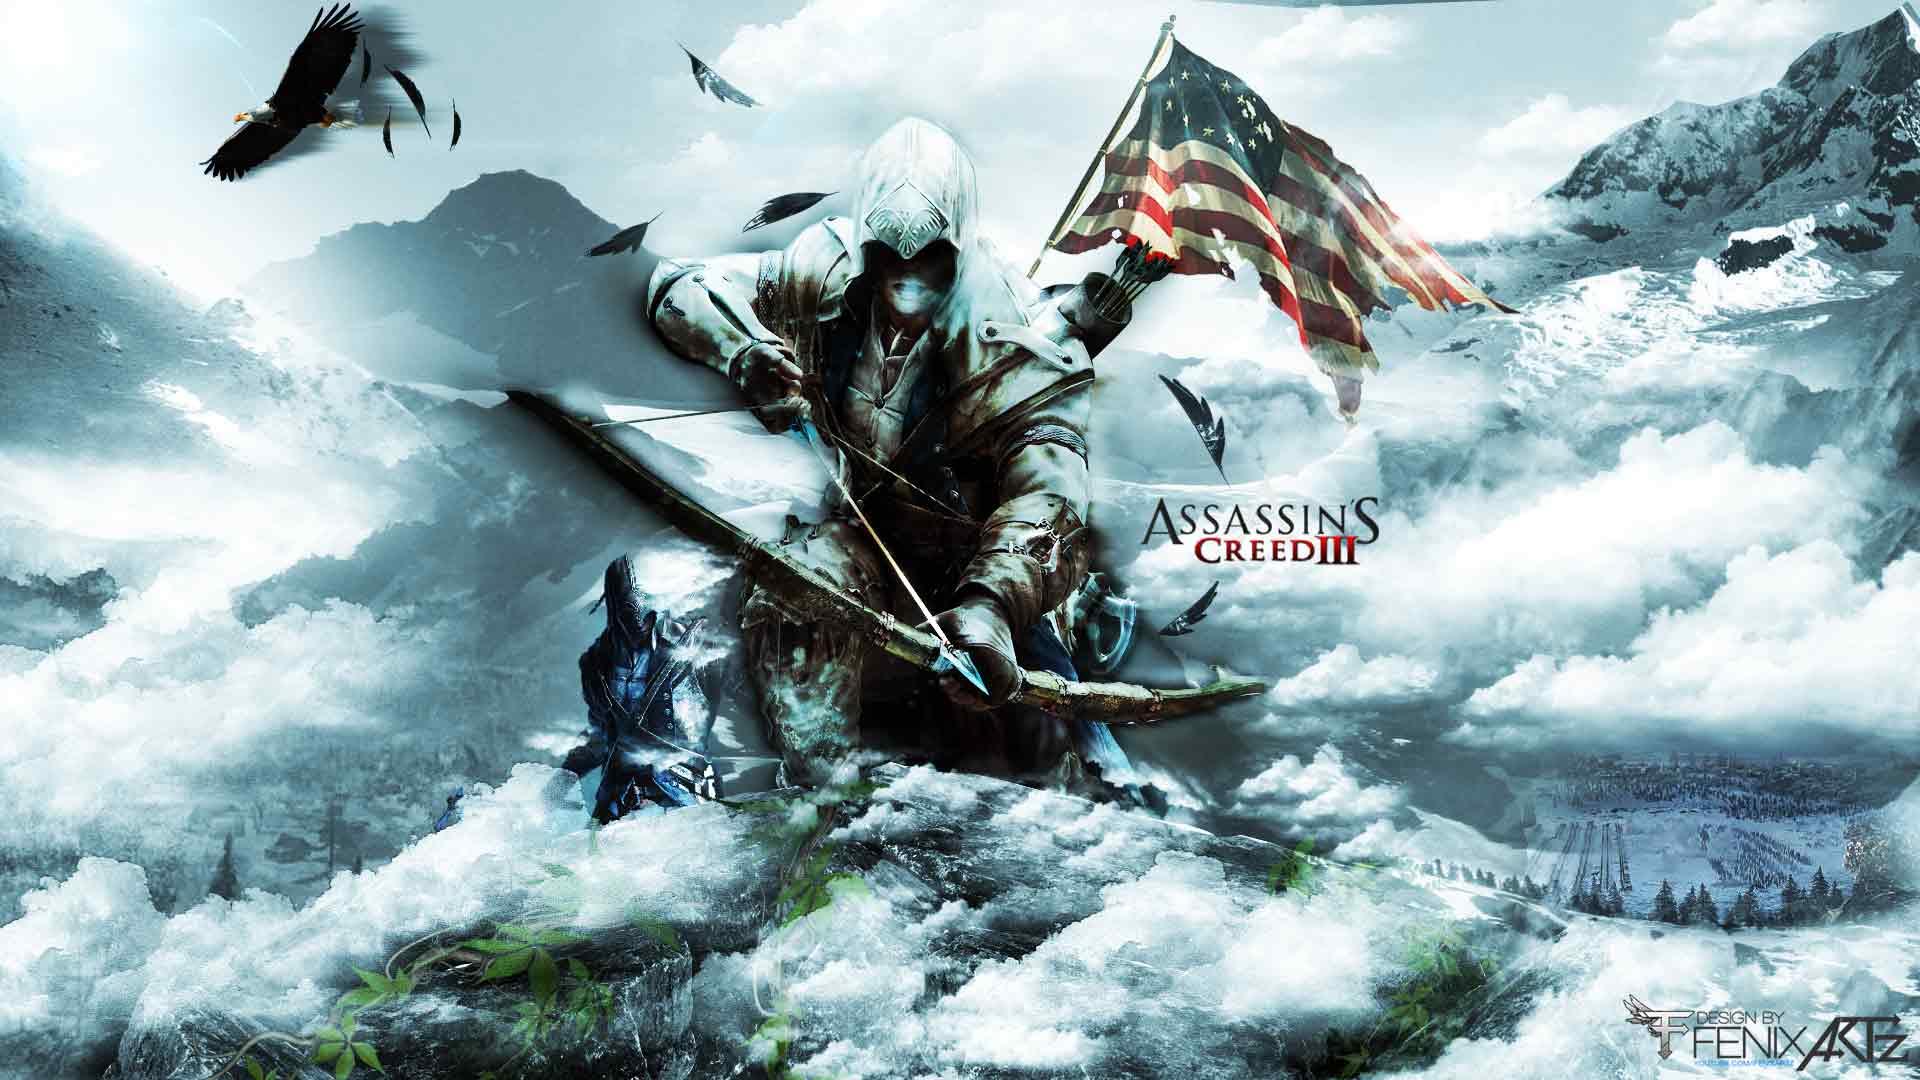 The Assassins Assassins Creed 3 1920x1080